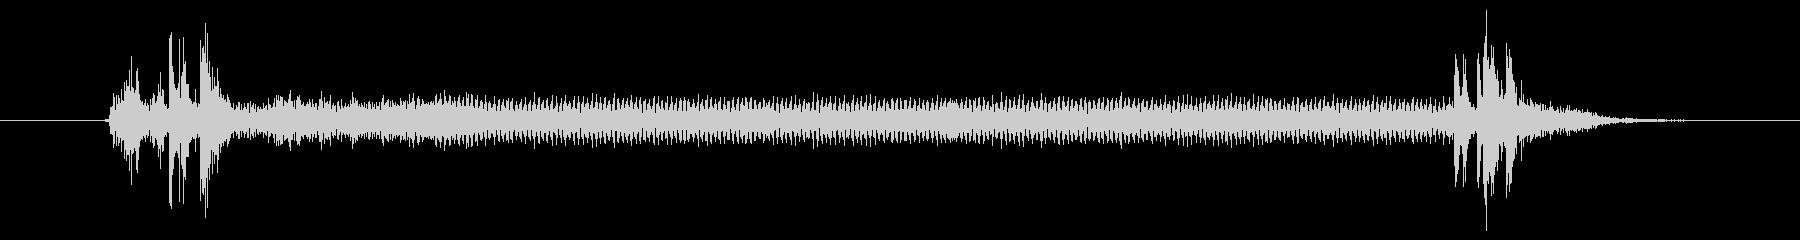 火 トラック ラダーエクステンド01の未再生の波形